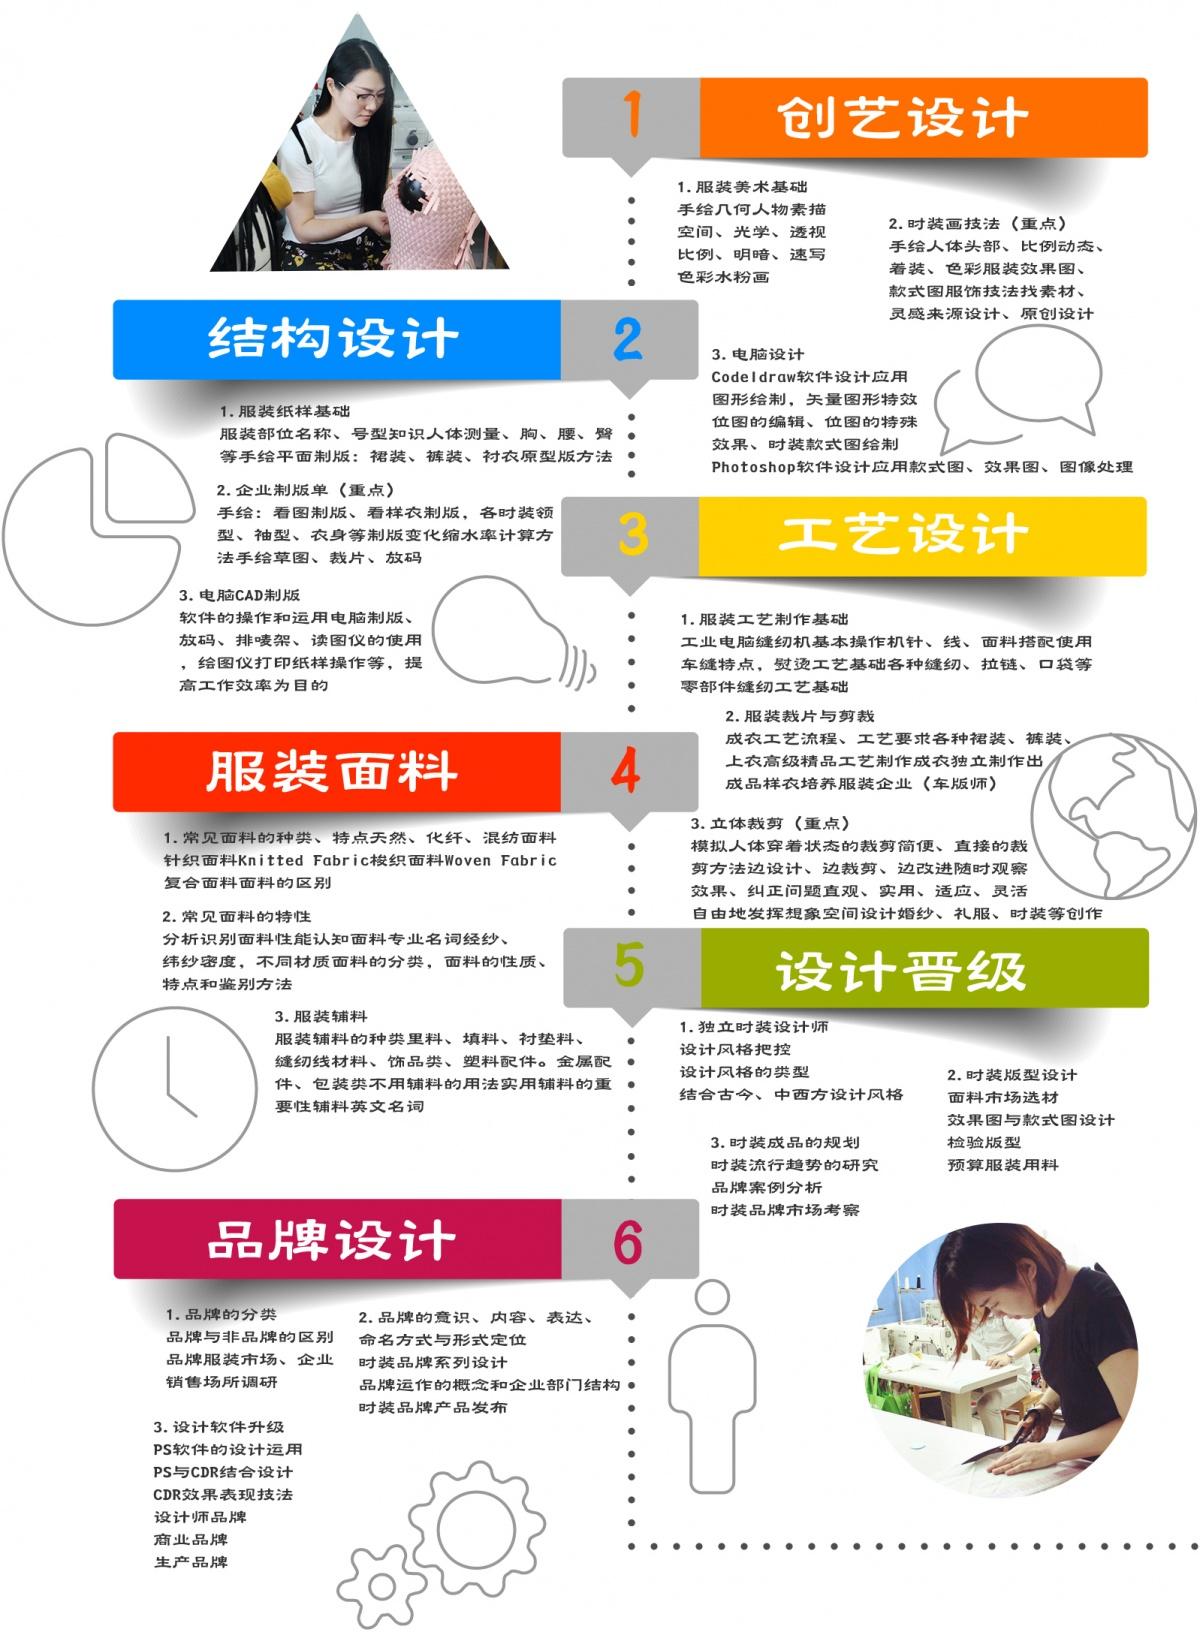 深圳专业服装设计师腾博会娱乐培训